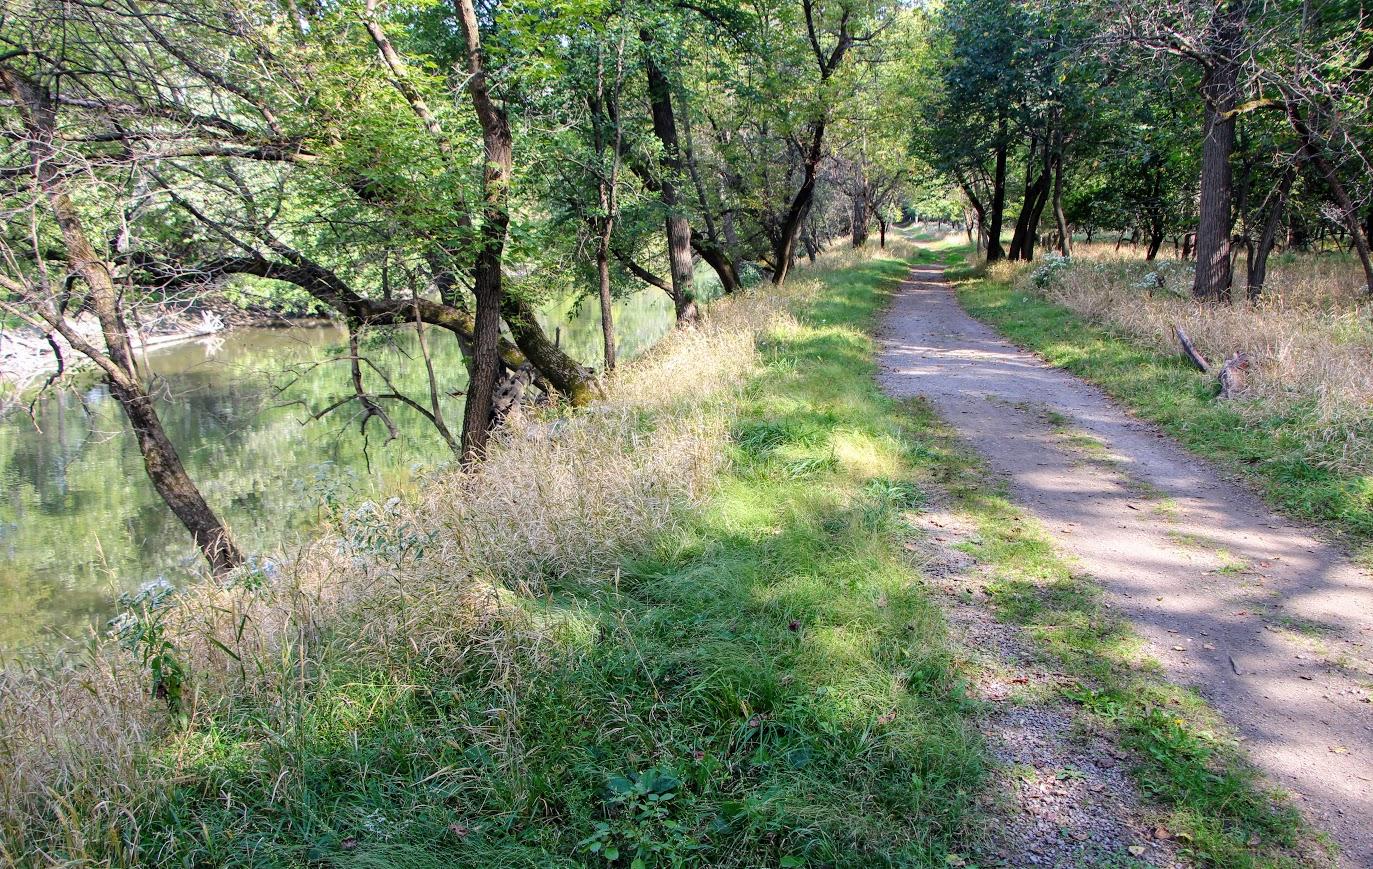 des-plaines-river-trail-9